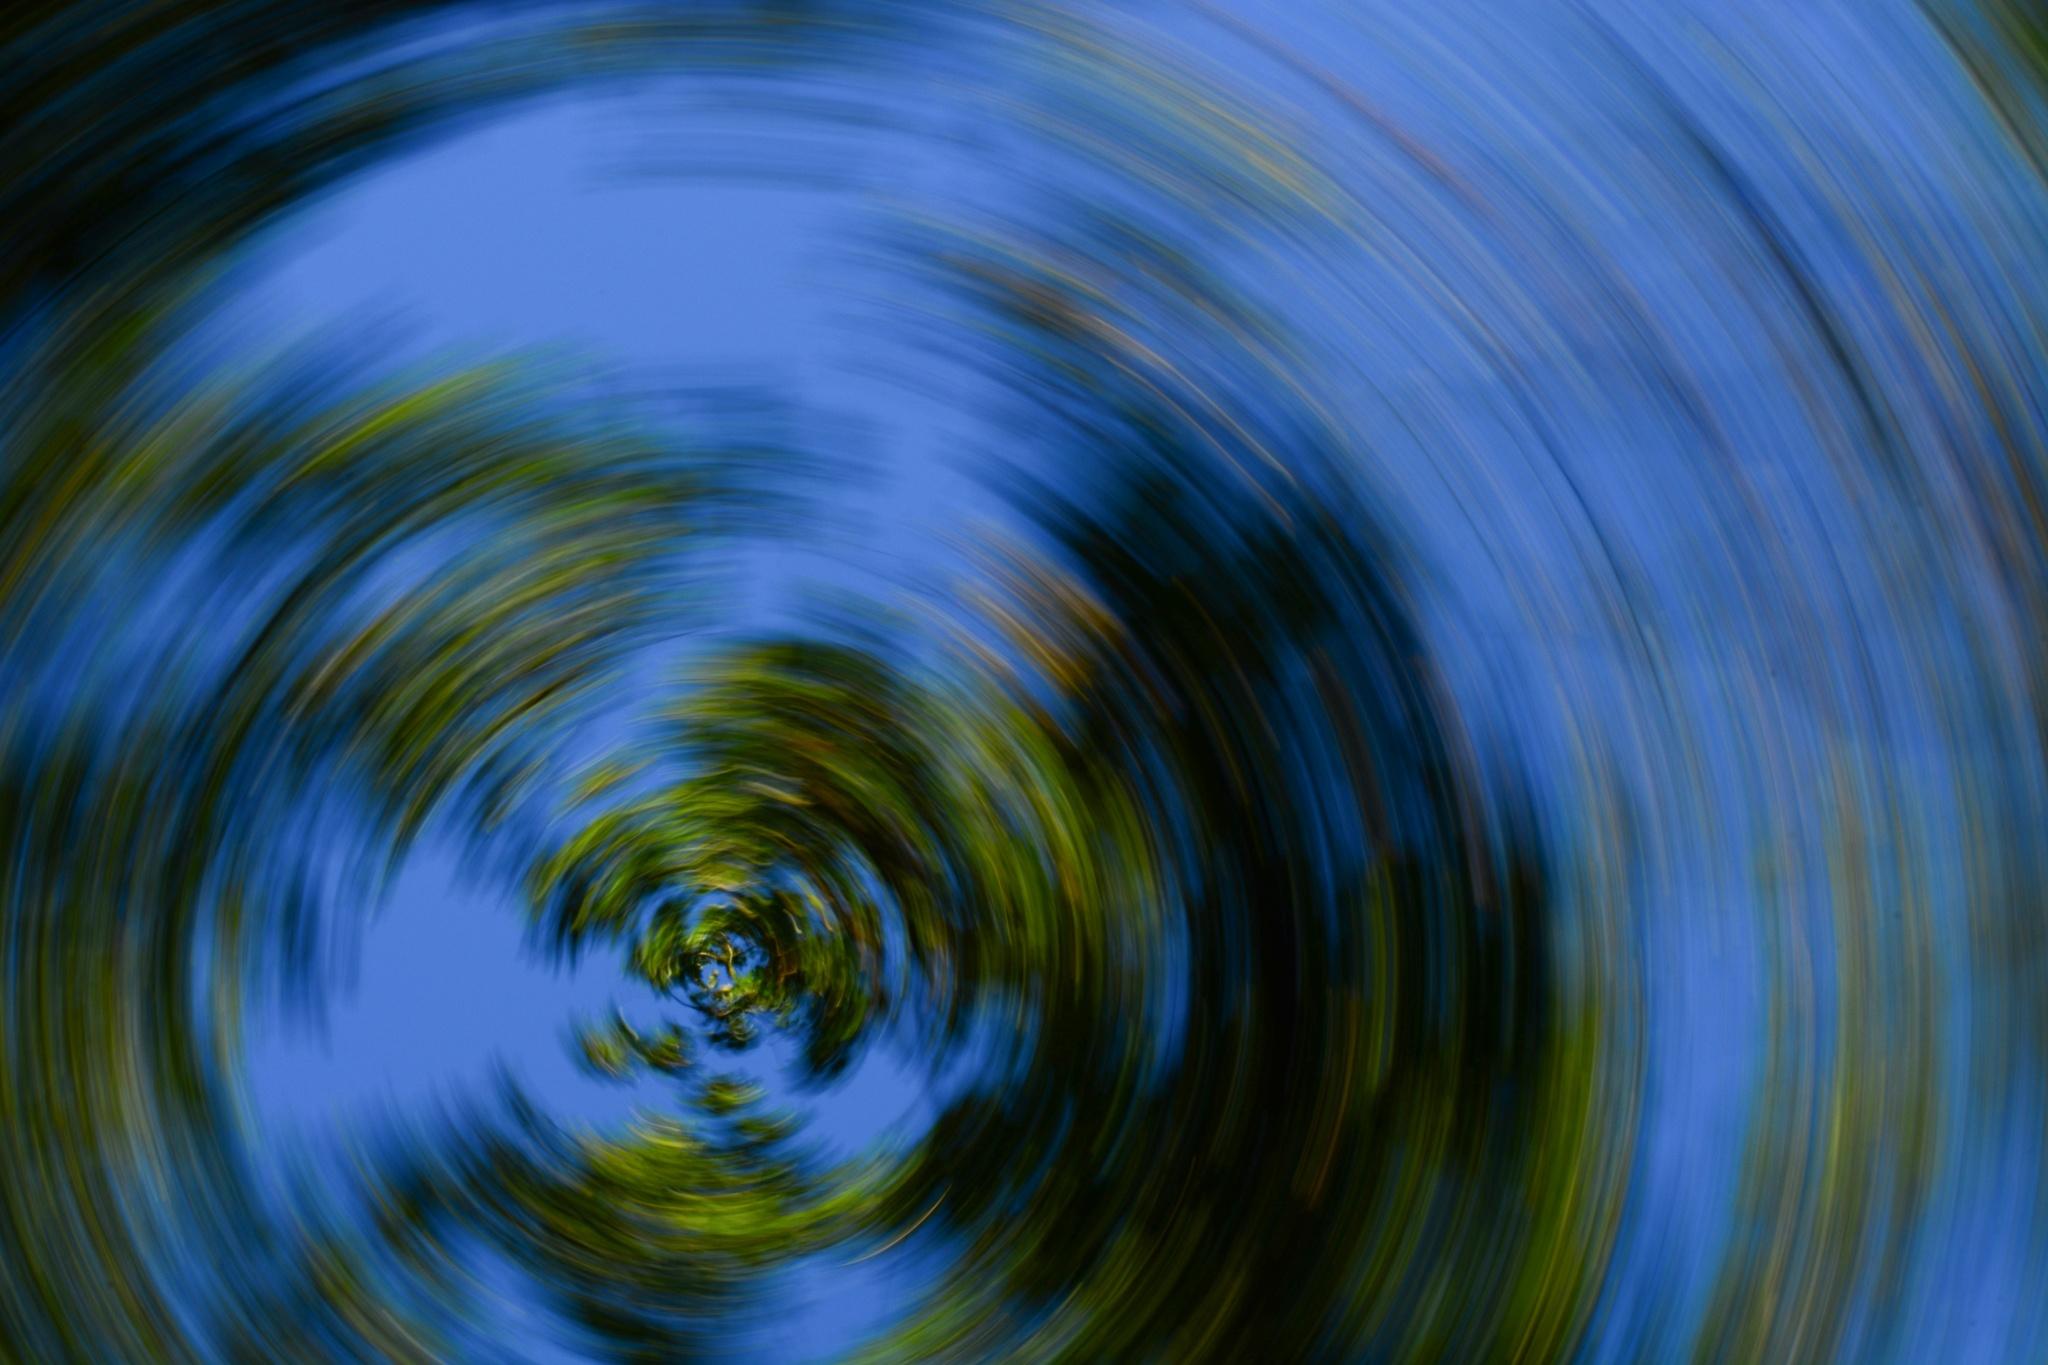 Fotografische Experimente mit Bewegung, die Sie verwirren werden!